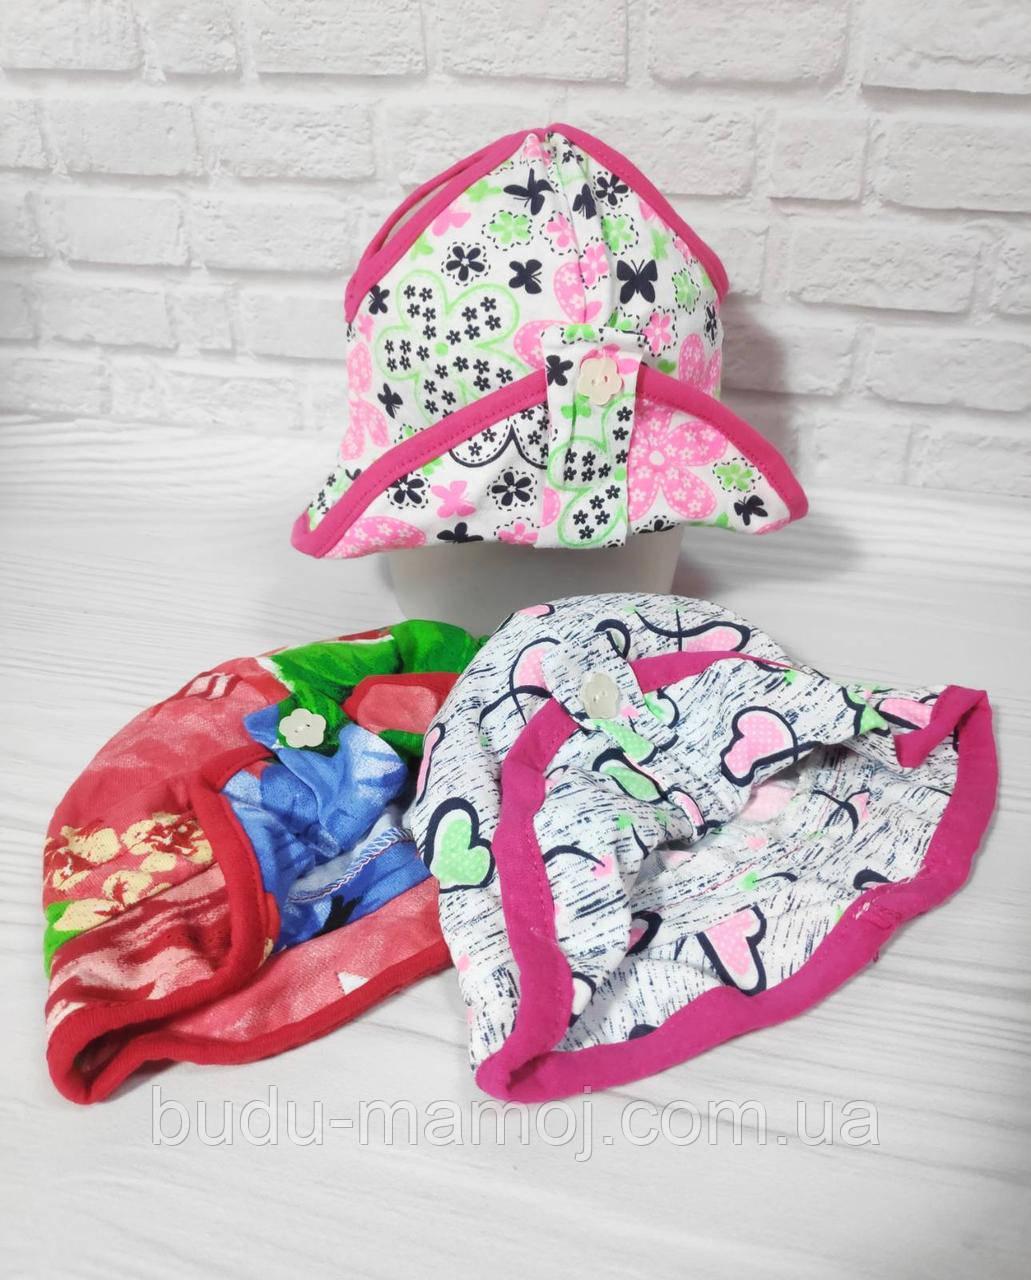 Панамка для дівчинки трикотаж 80 розмір 9-18 місяців